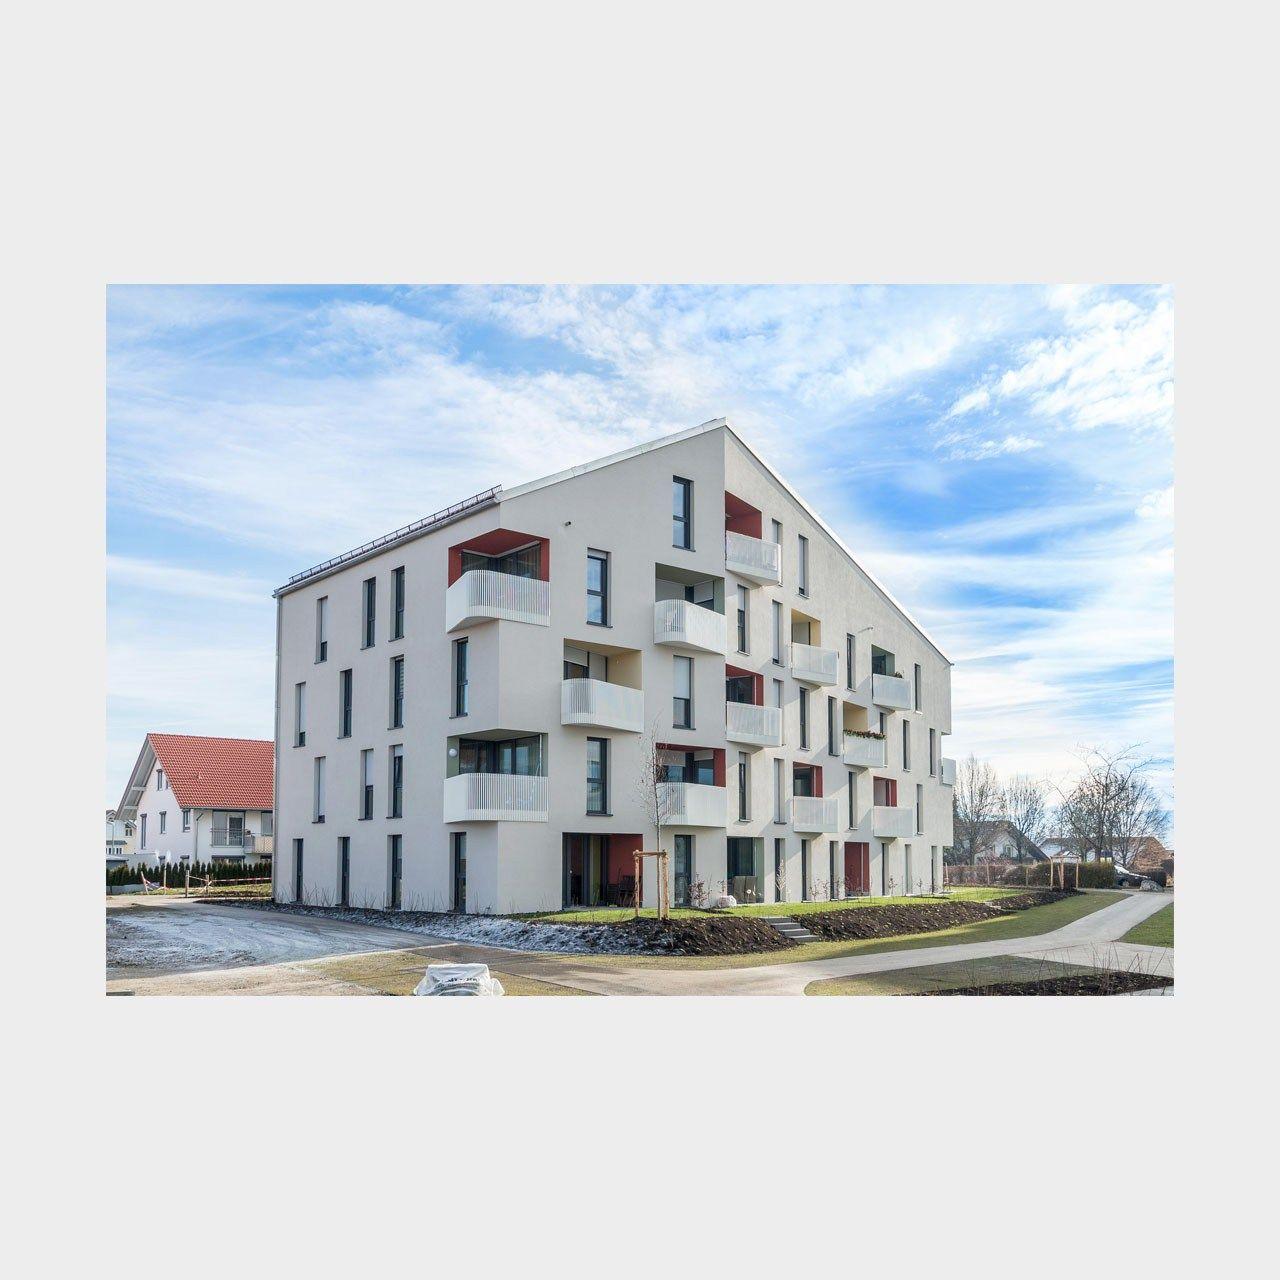 Architekturfotografie #Bauwerk #Architektur #Fotografie #modernes ...